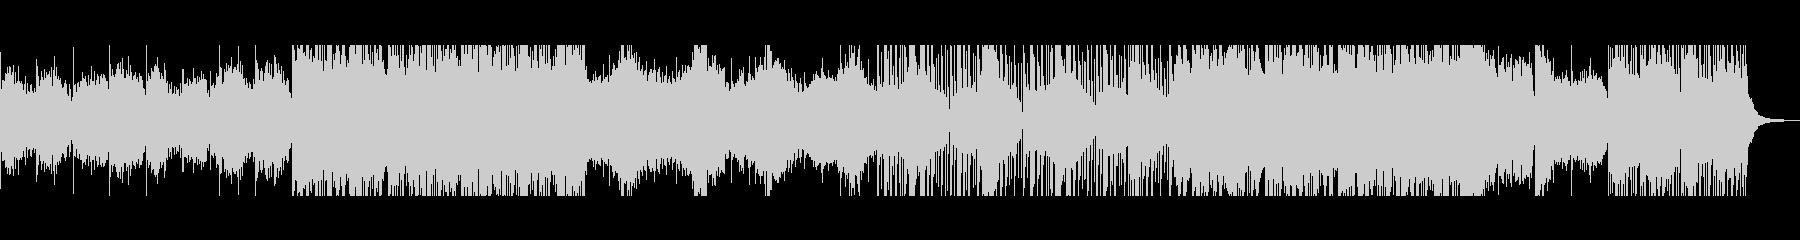 フルートによるノスタルジックなメロディの未再生の波形